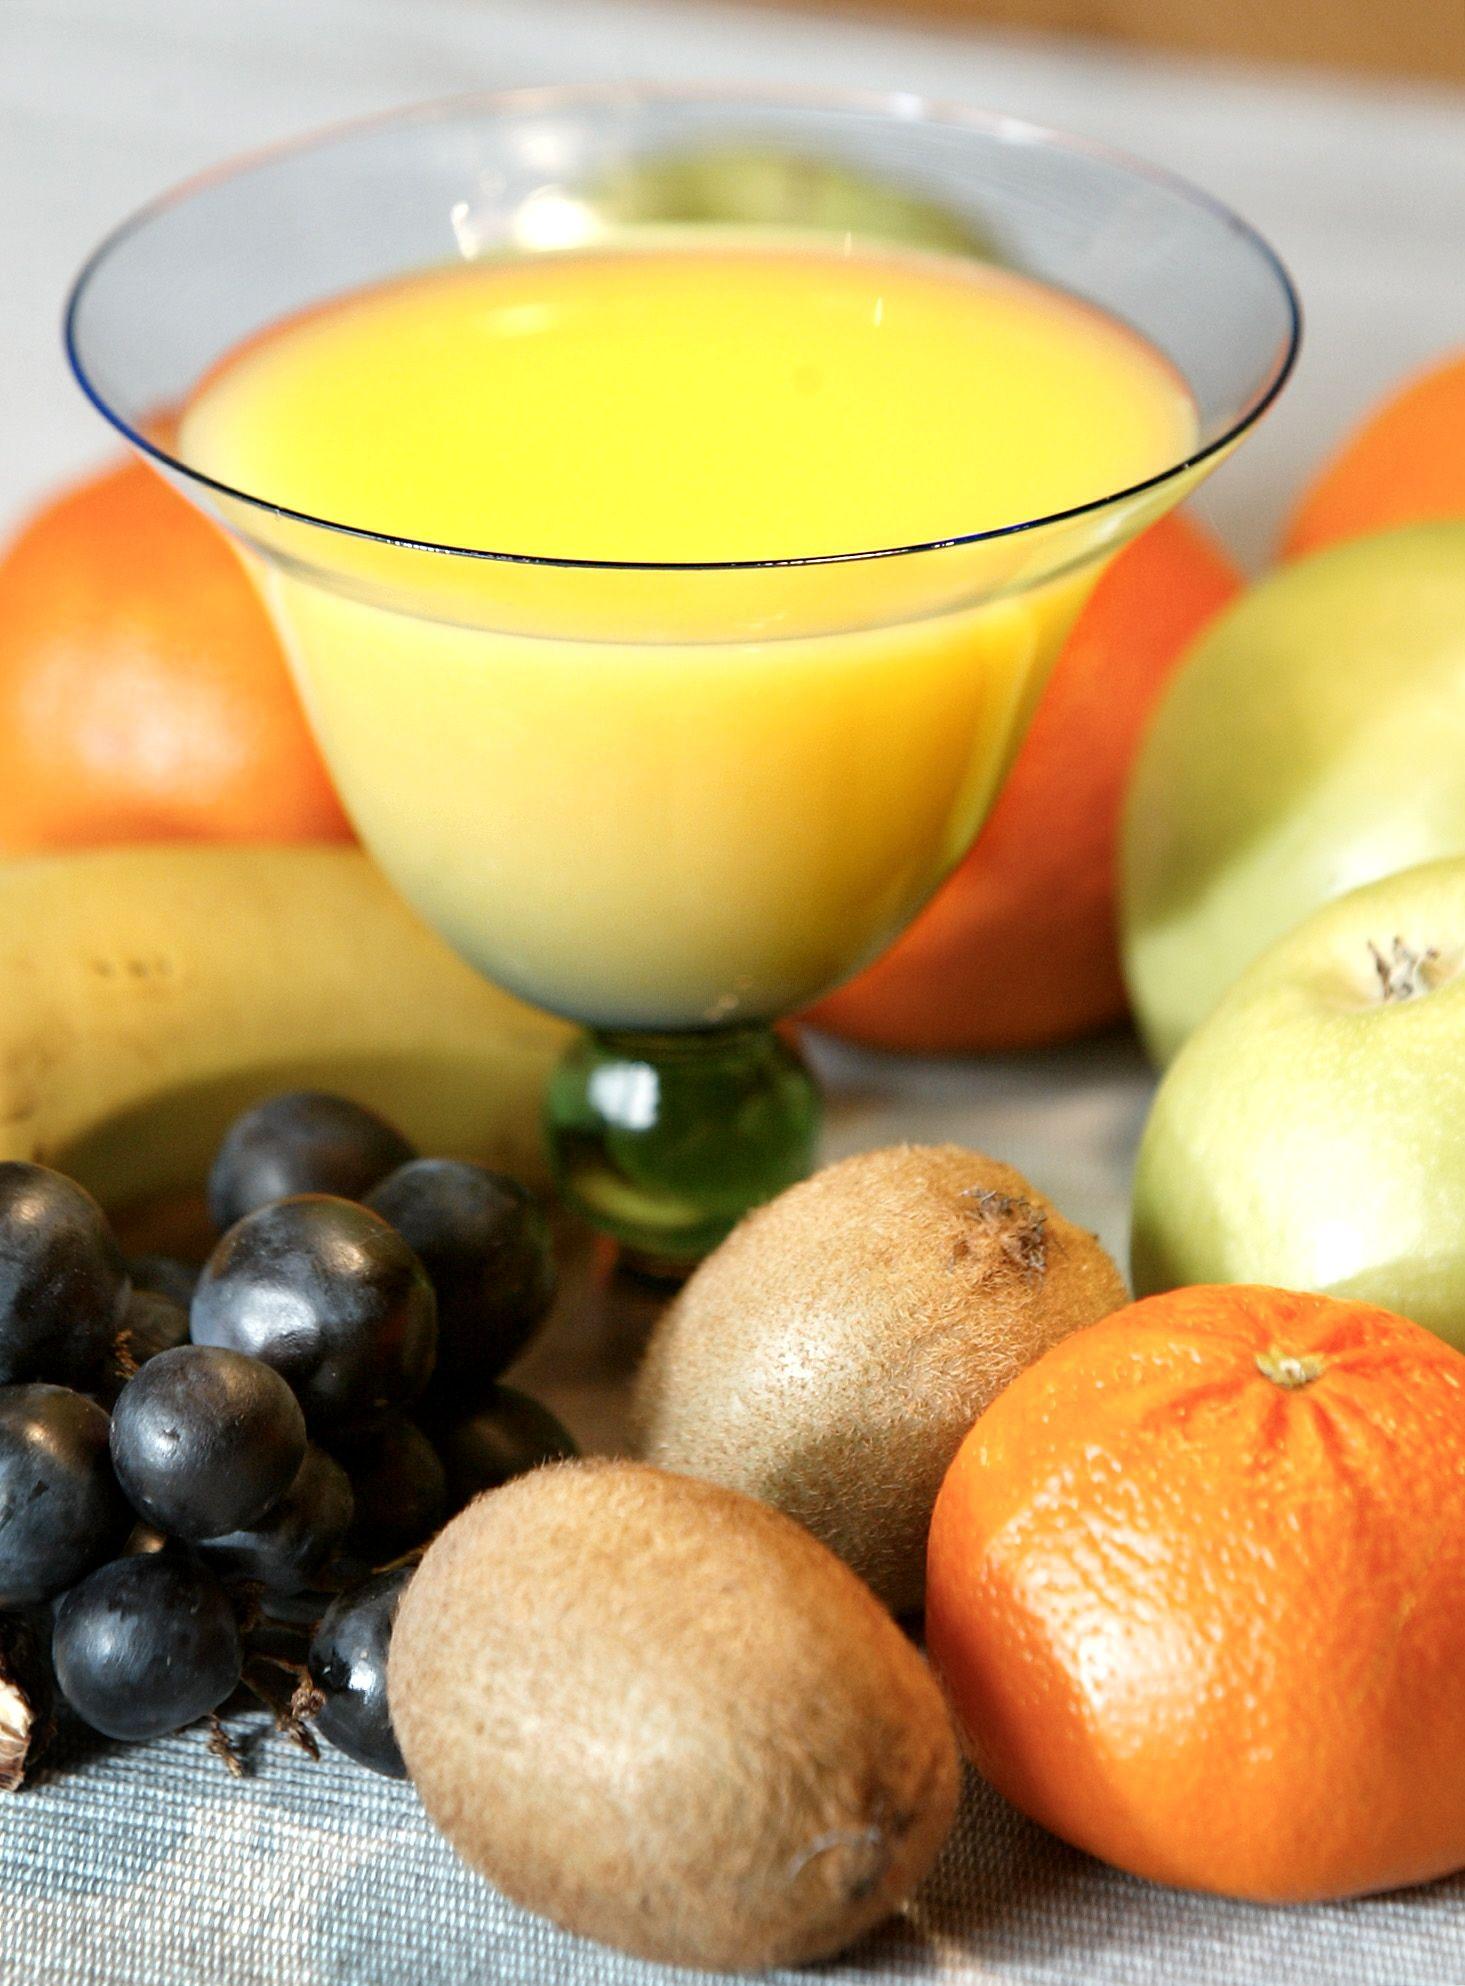 NICHT VERWENDEN Orangensaft / Obst